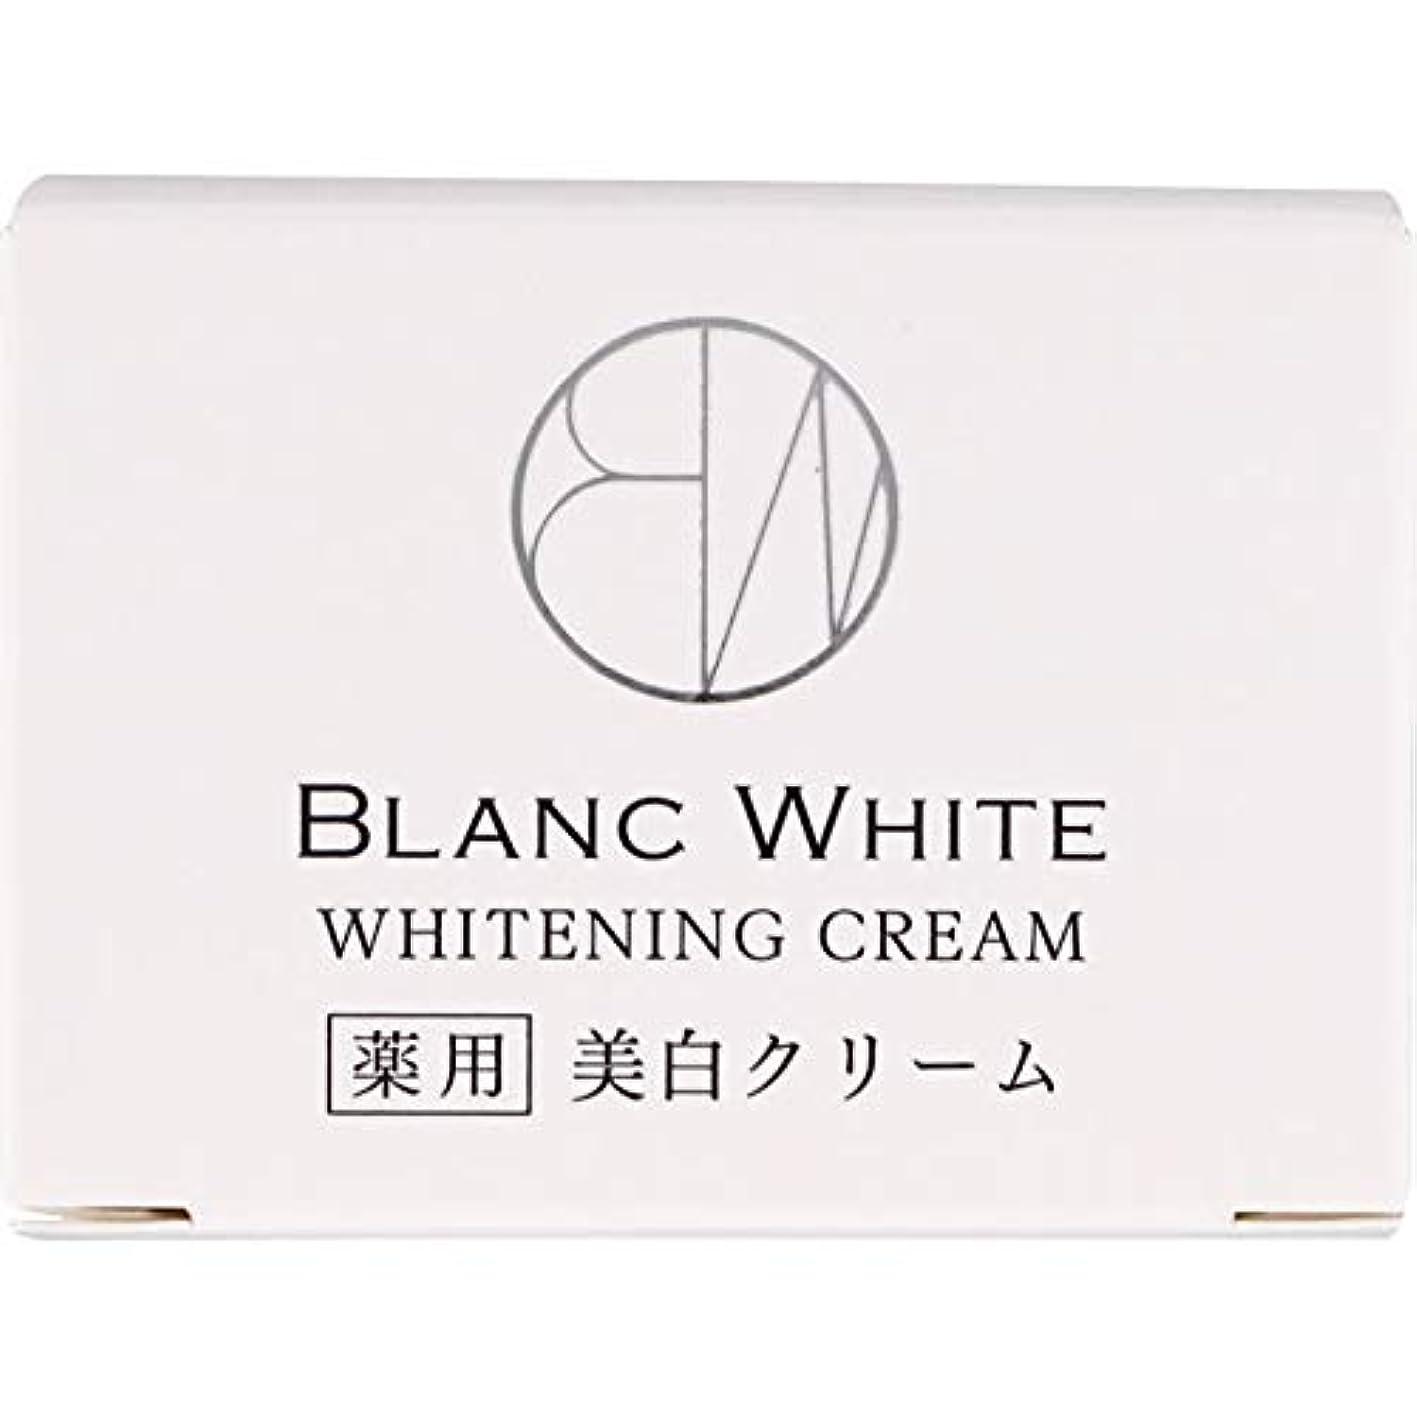 見習いほこりっぽいクッションブランホワイト ホワイトニング クリーム 45g